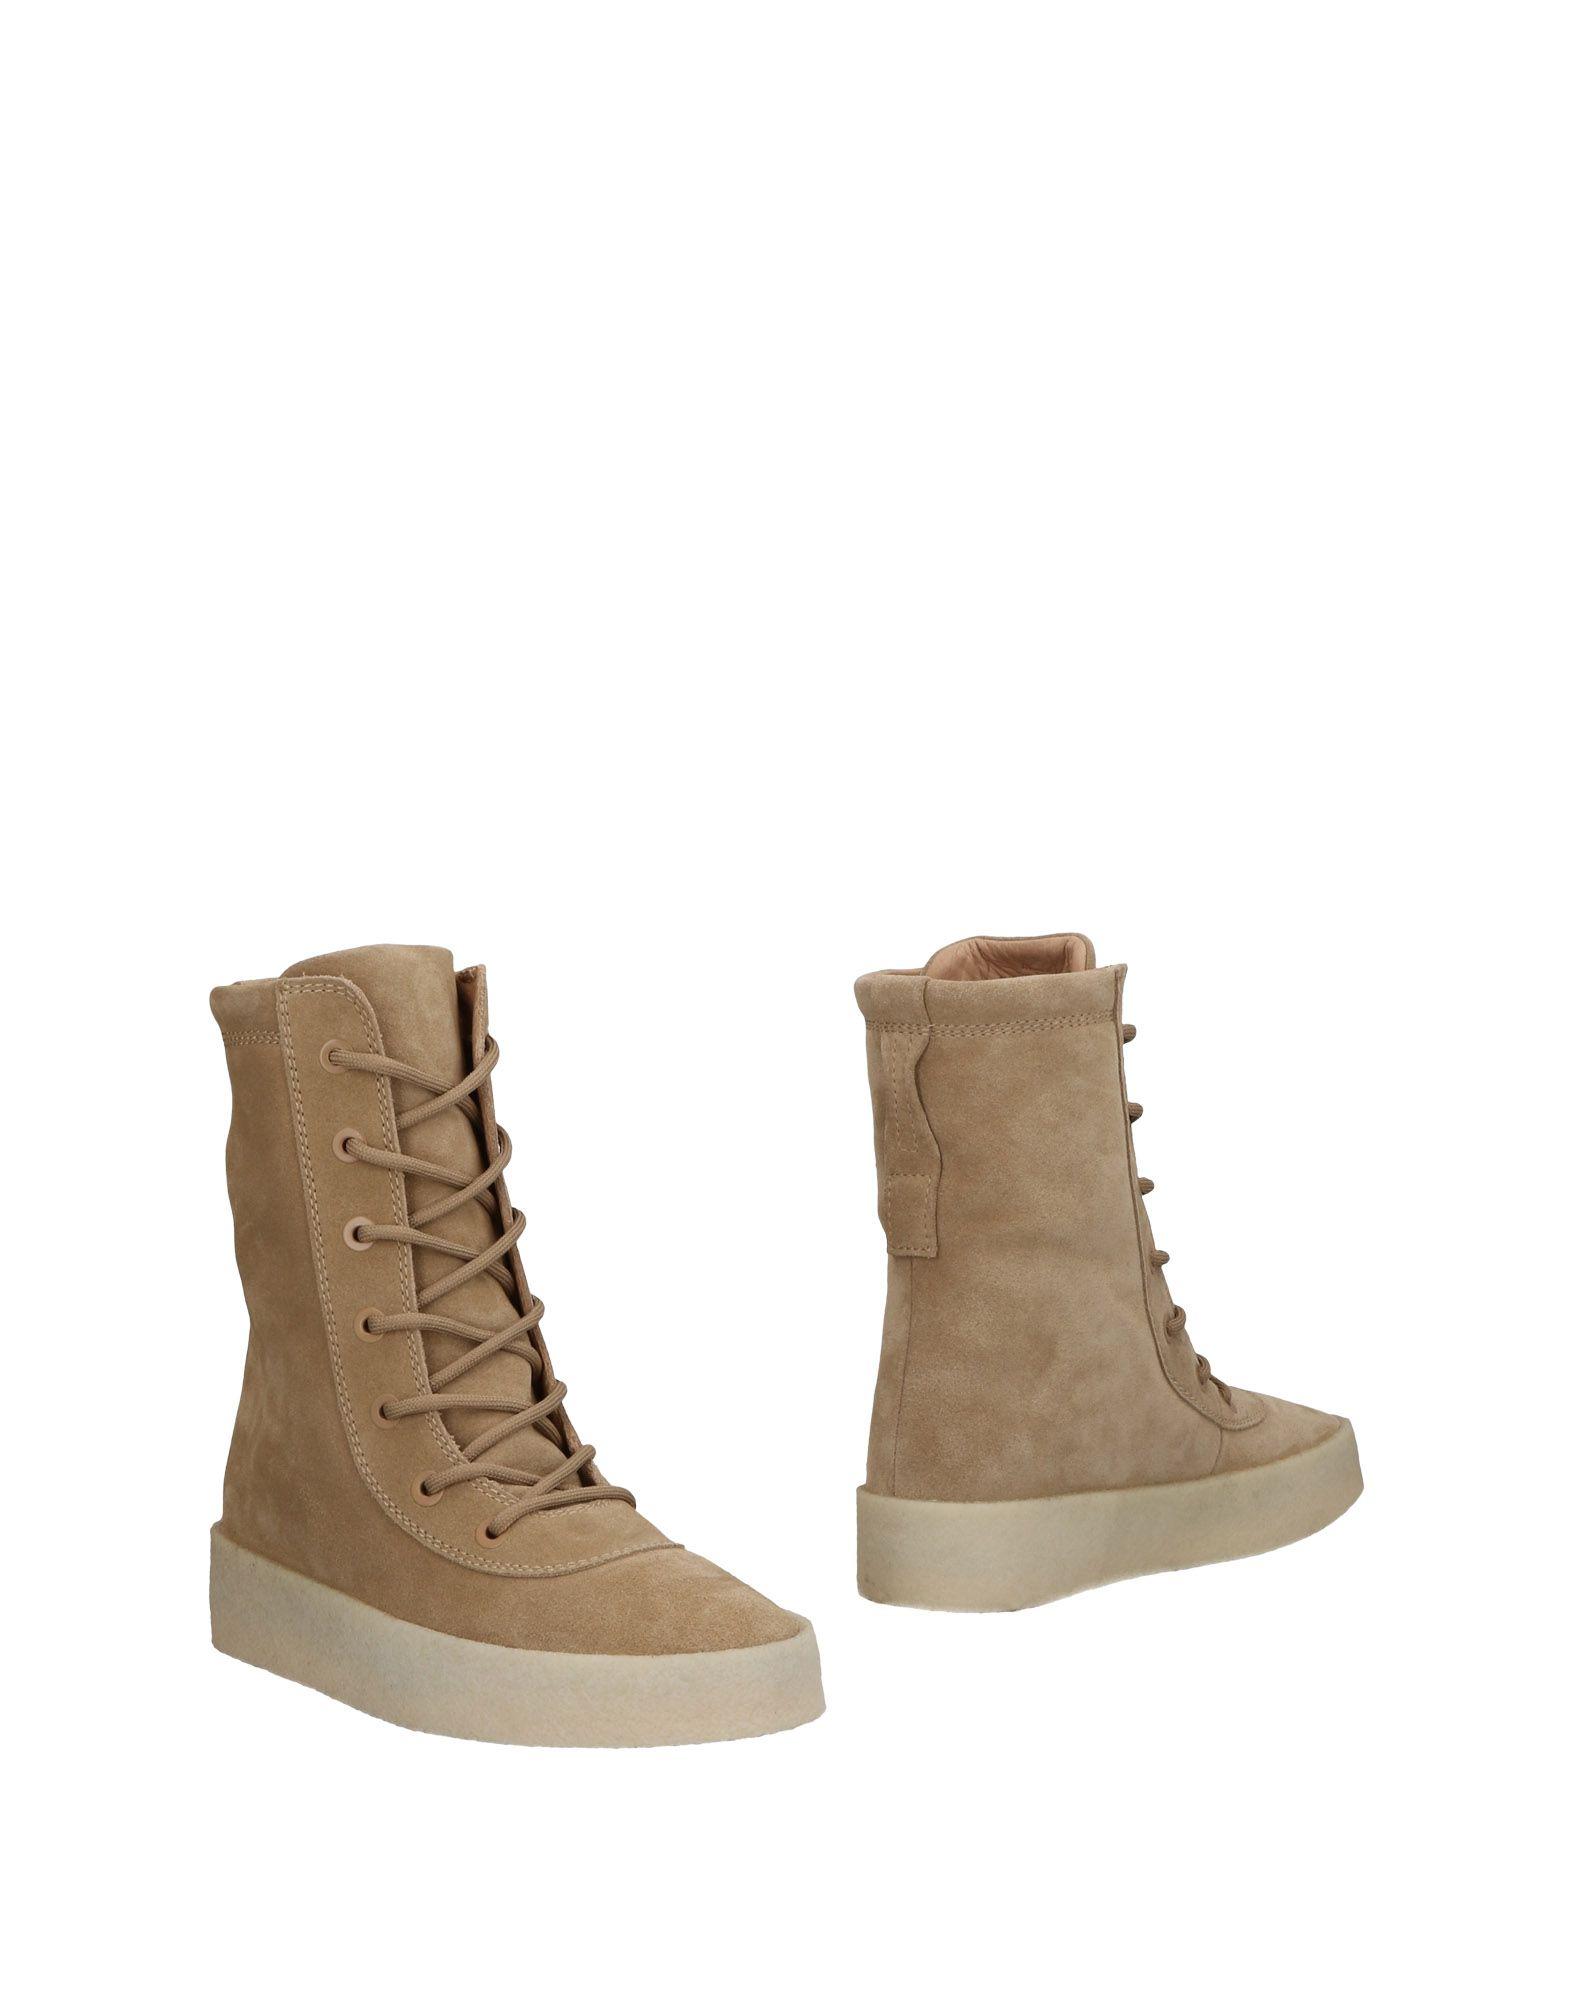 Yeezy Stiefelette Damen gut  11465413JTGünstige gut Damen aussehende Schuhe 9a93f1